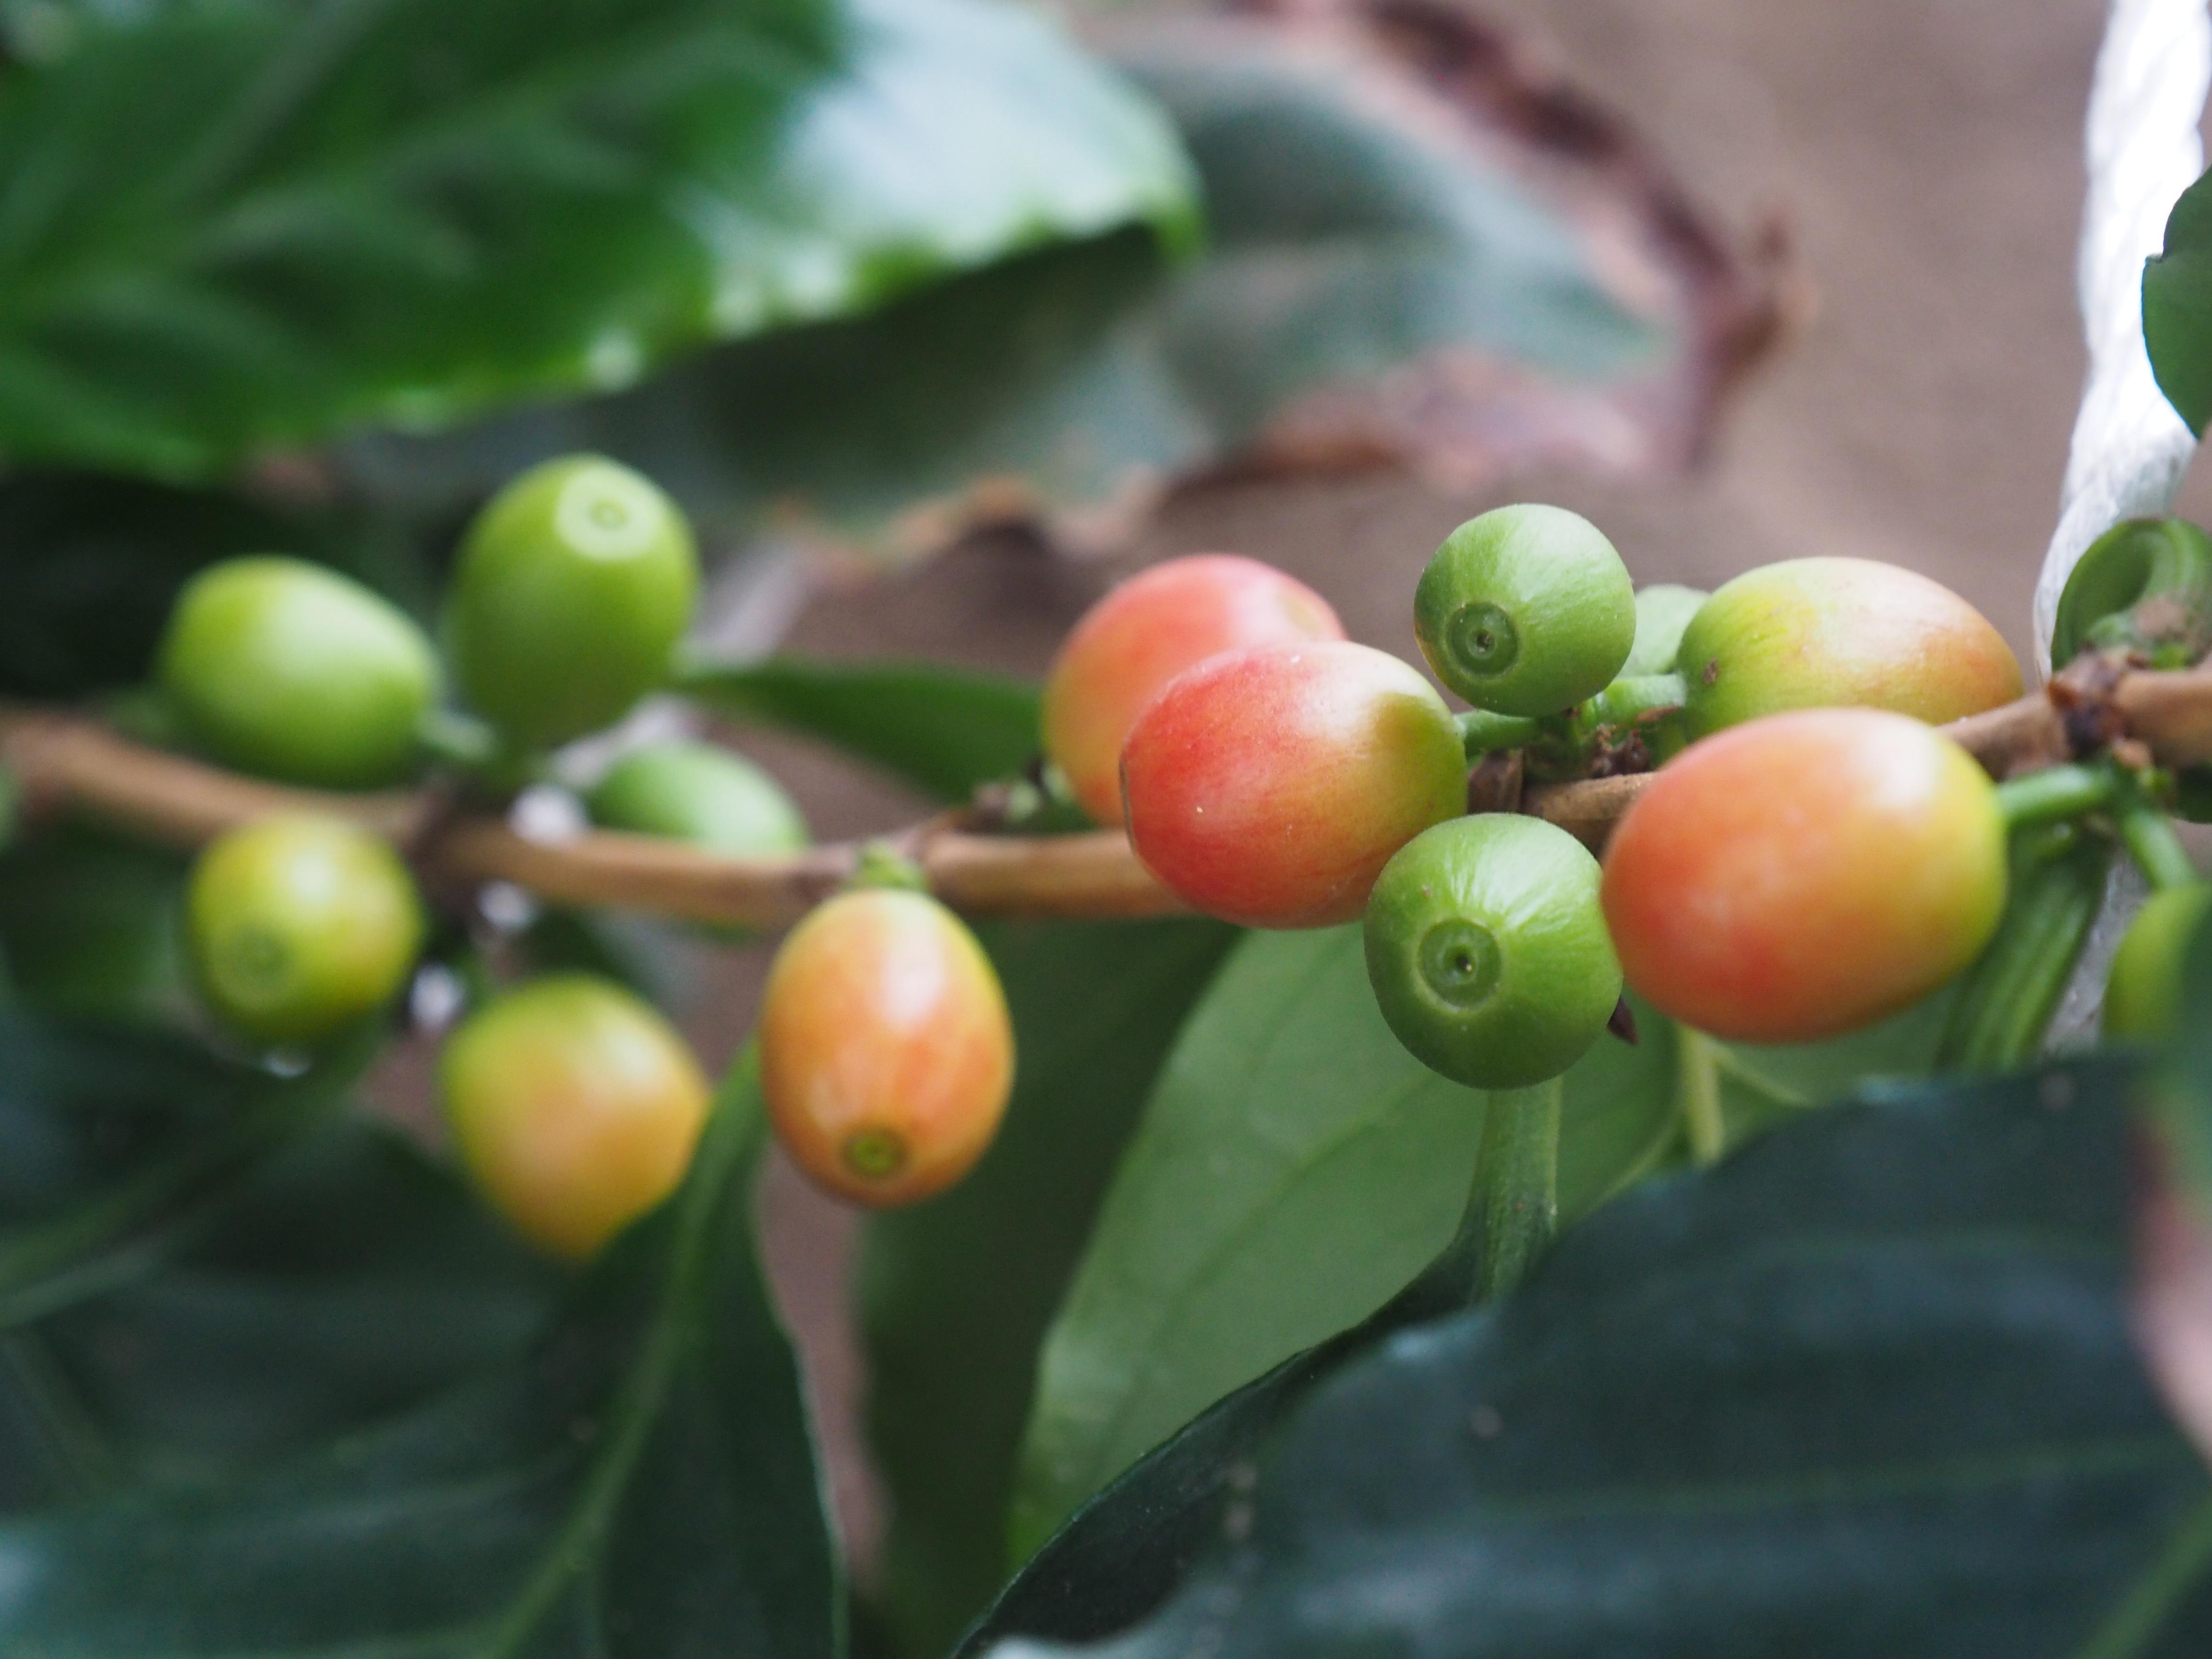 温泉でコーヒー収穫?!弟子屈町で続く、温泉の可能性を広げる大きな挑戦